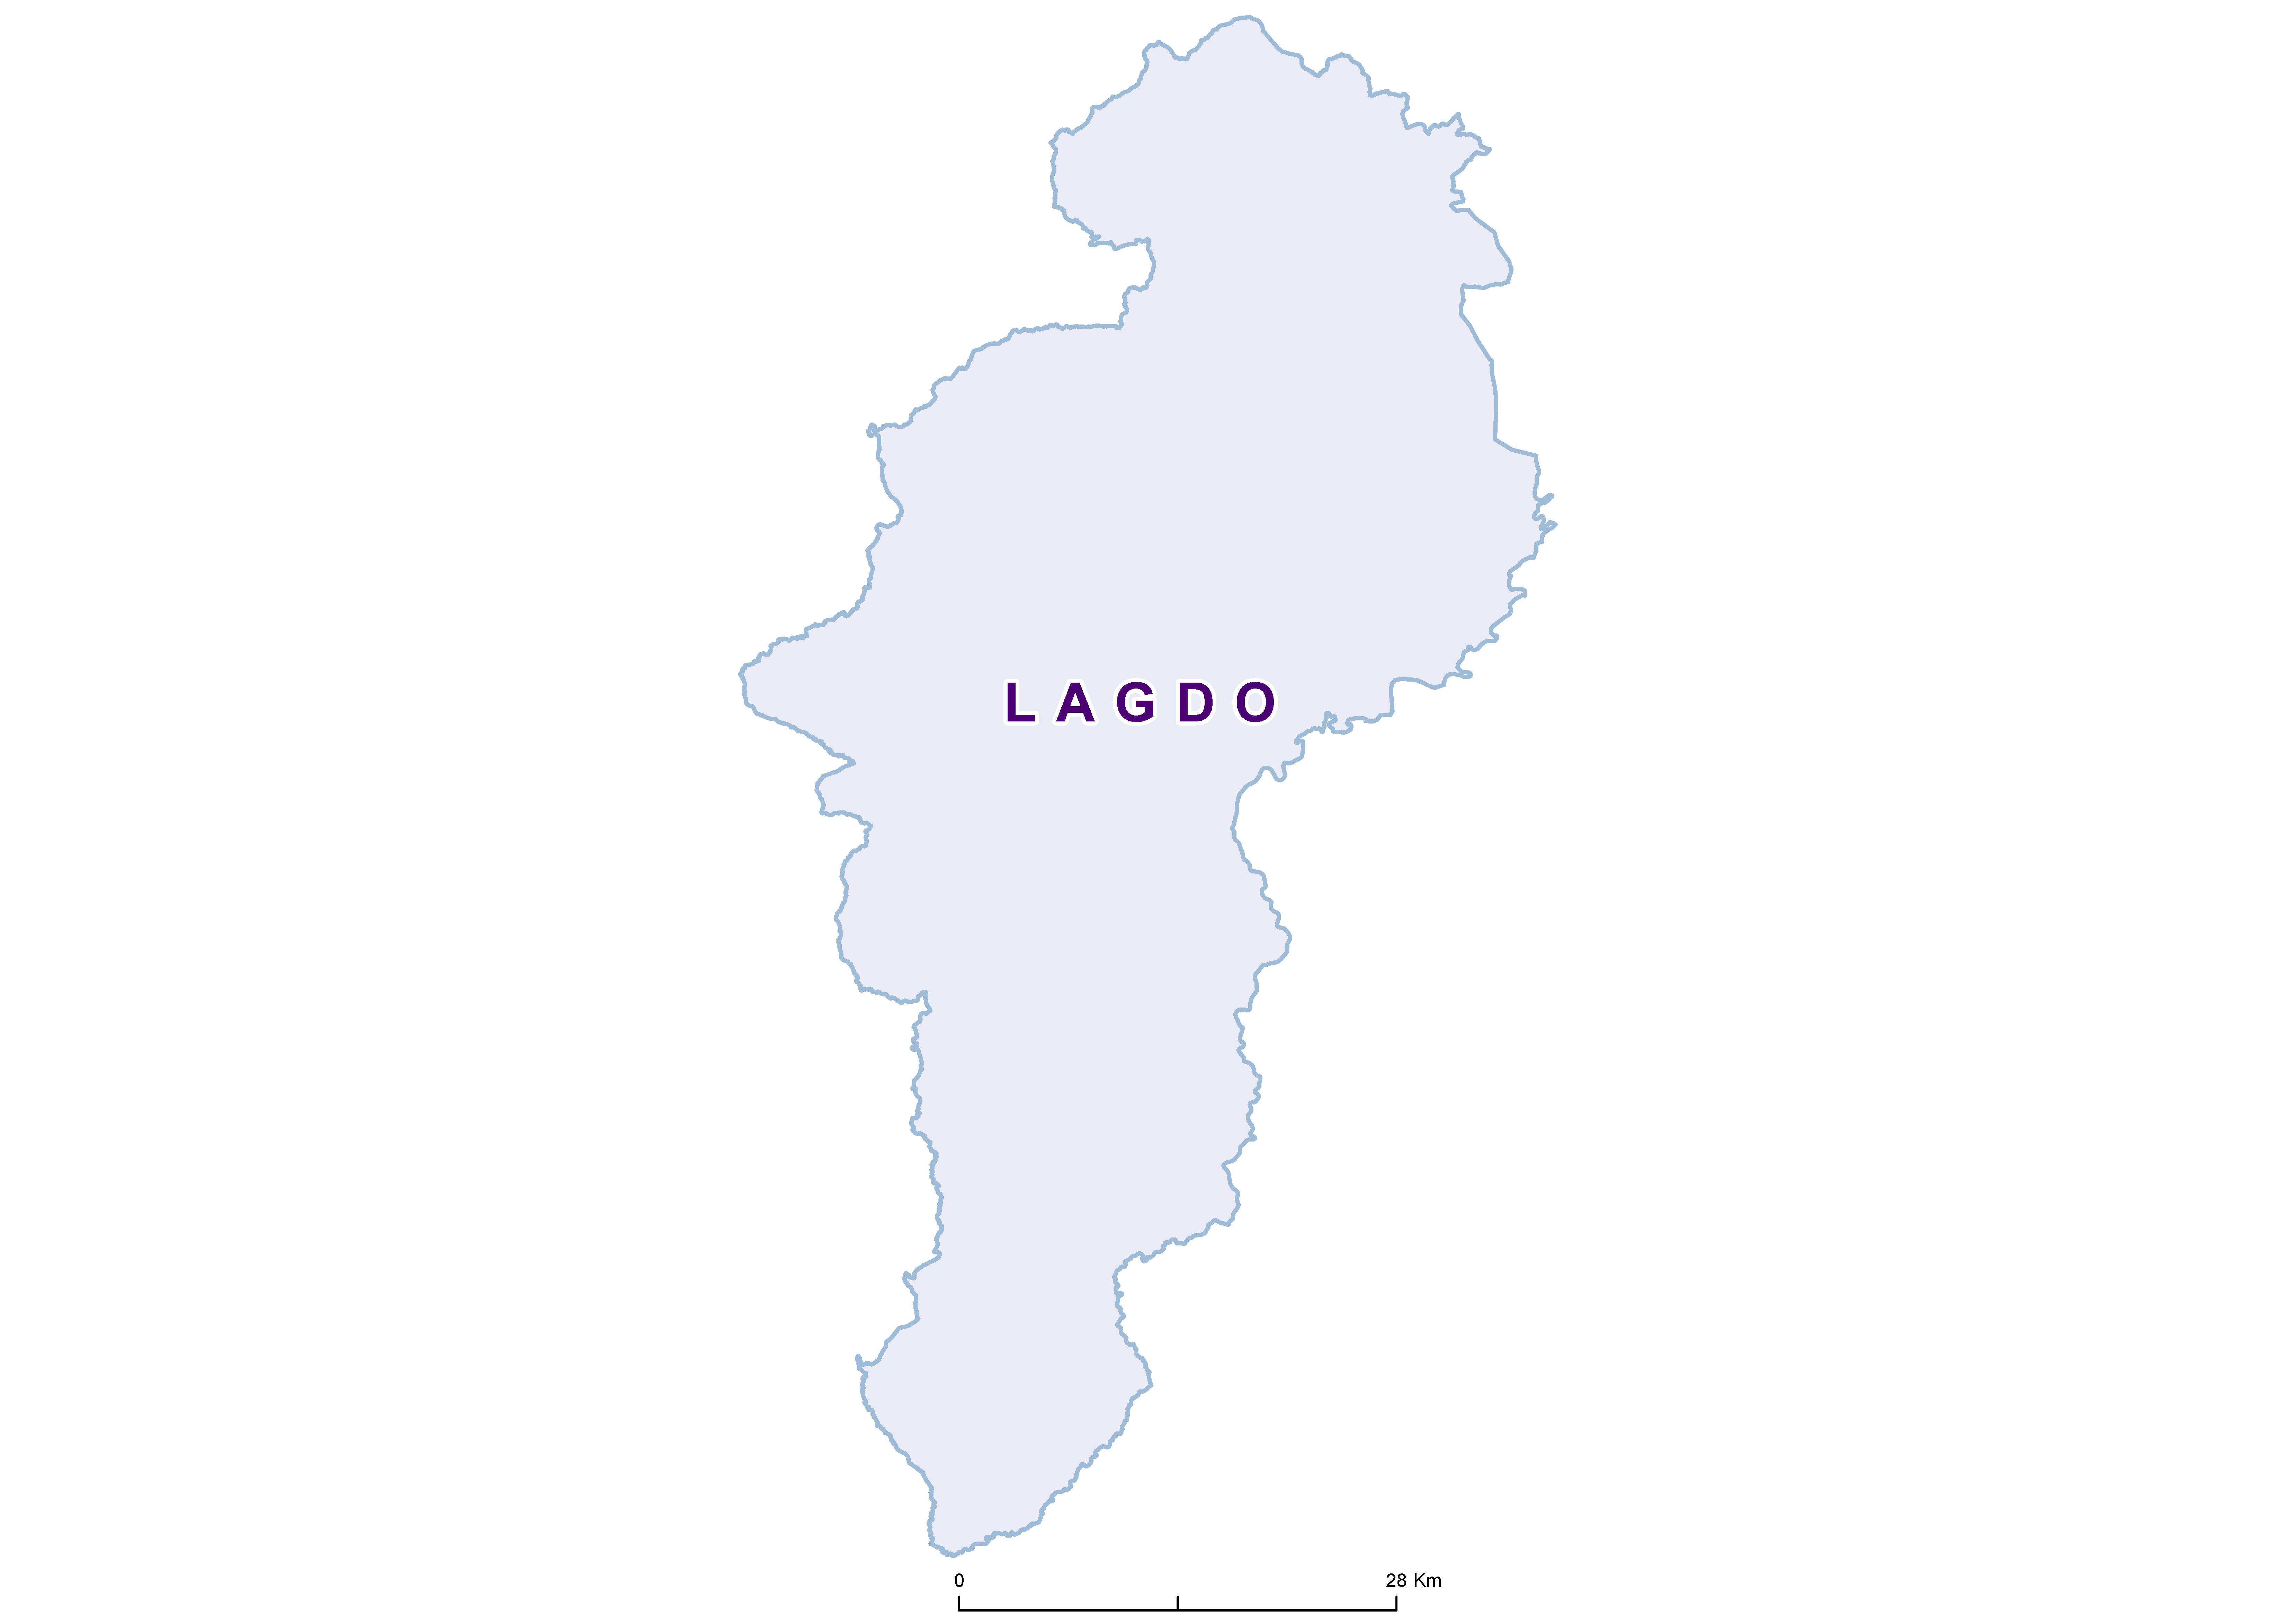 Lagdo Mean SCH 20180001